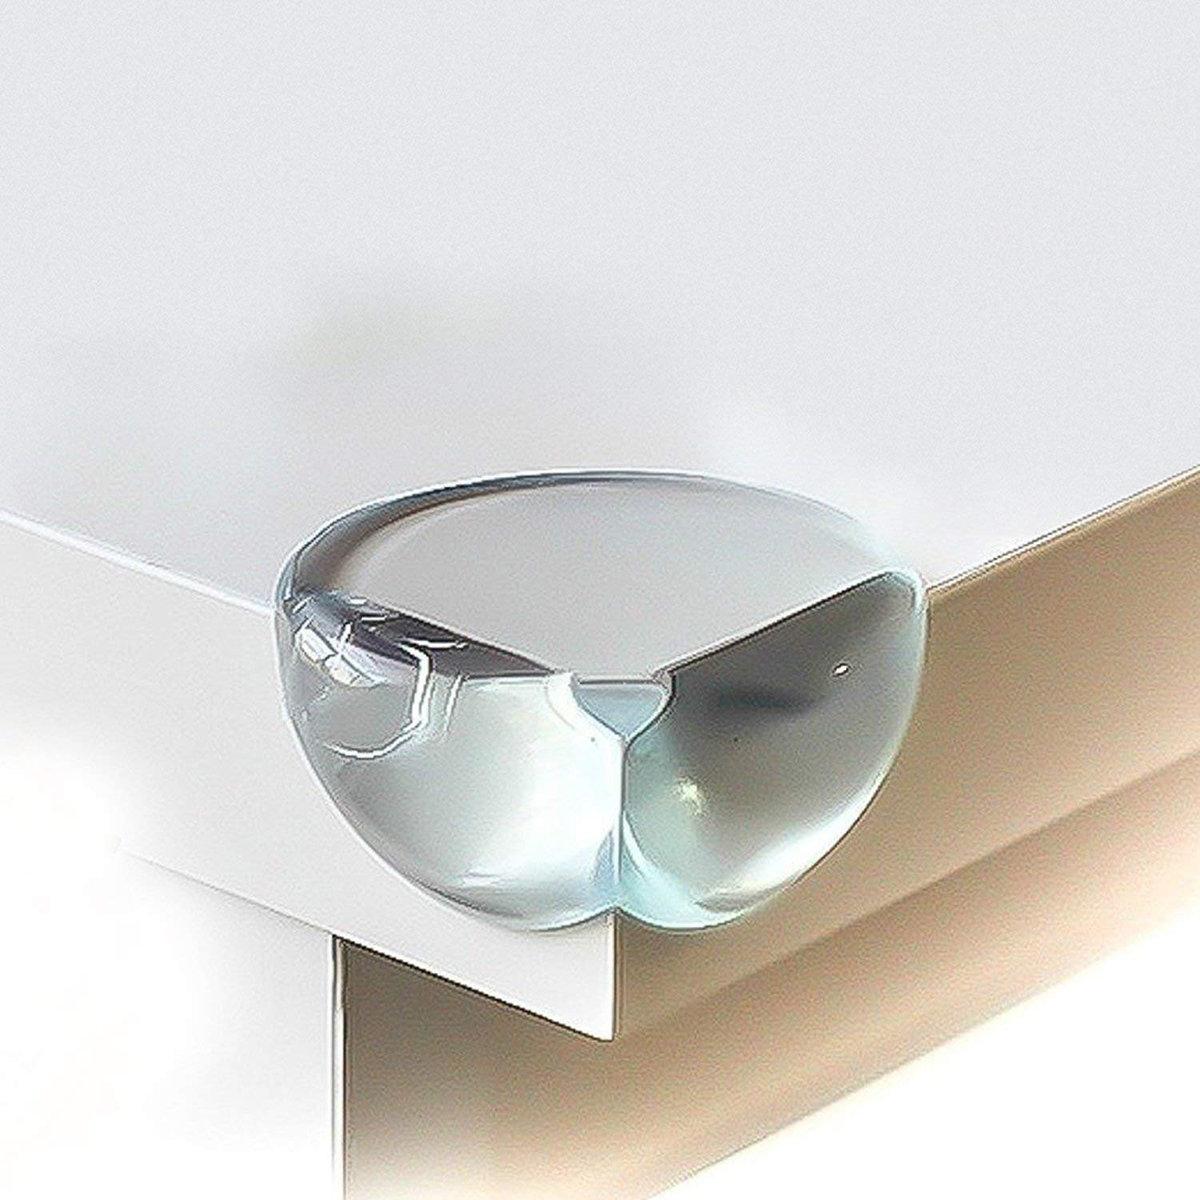 【20個】透明防撞角 檯角 保護墊 防撞膠 黏力強 不易掉落